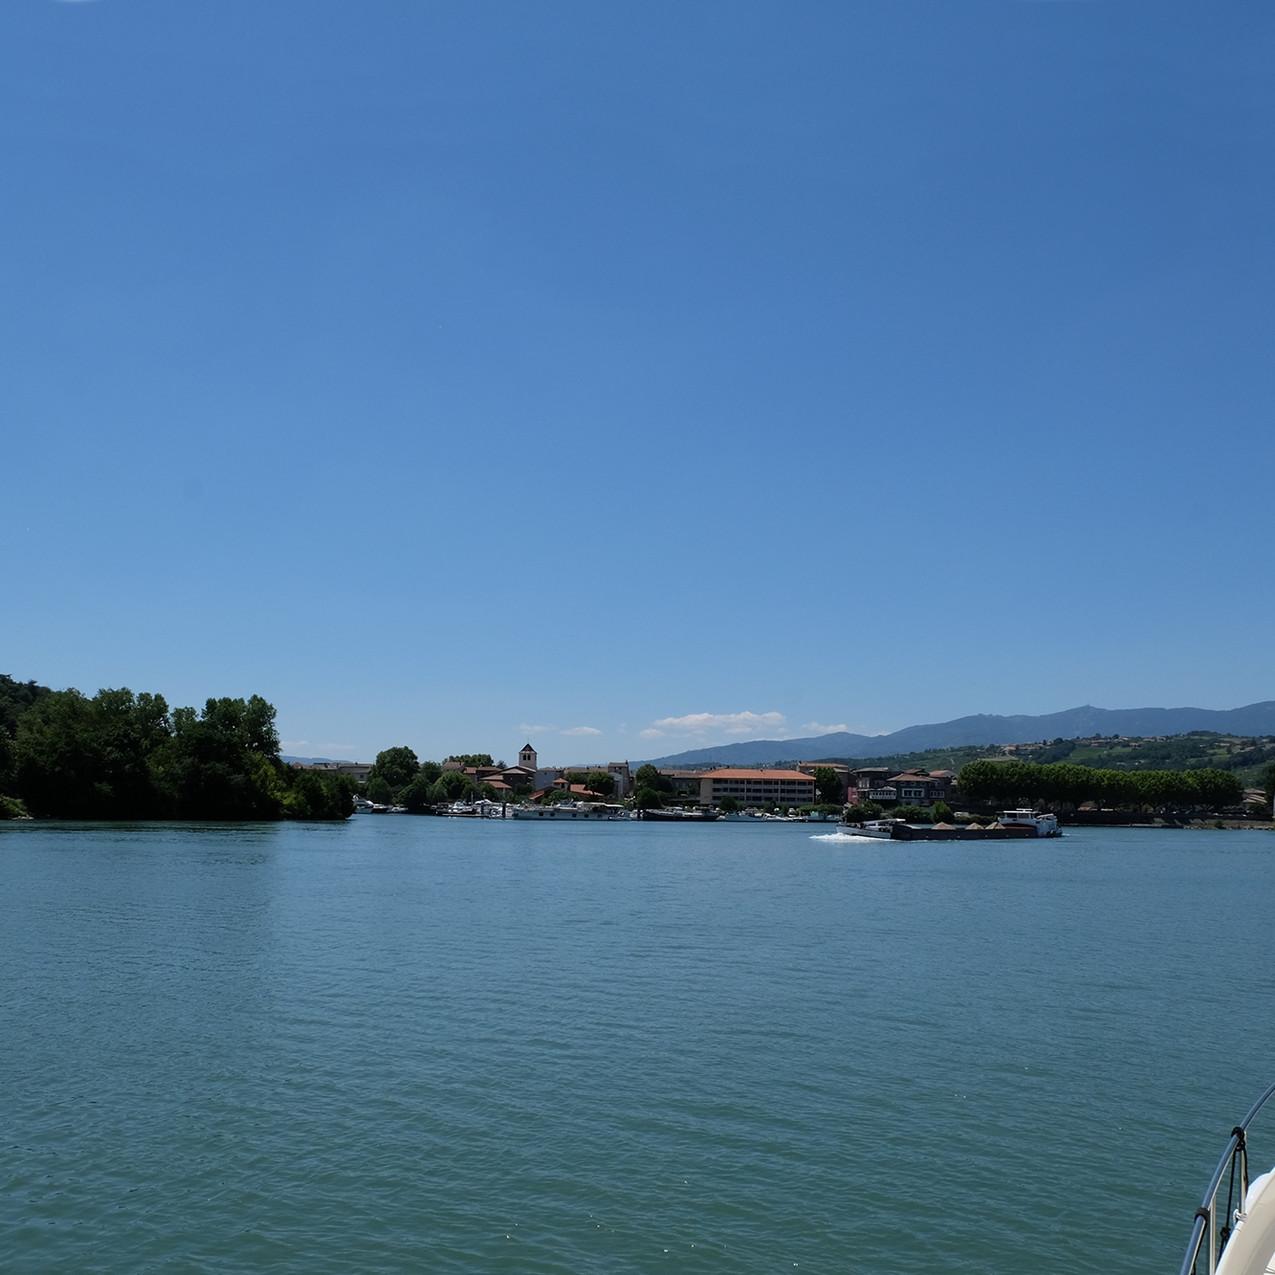 Le port des Roches-de-Condrieu sur la gauche